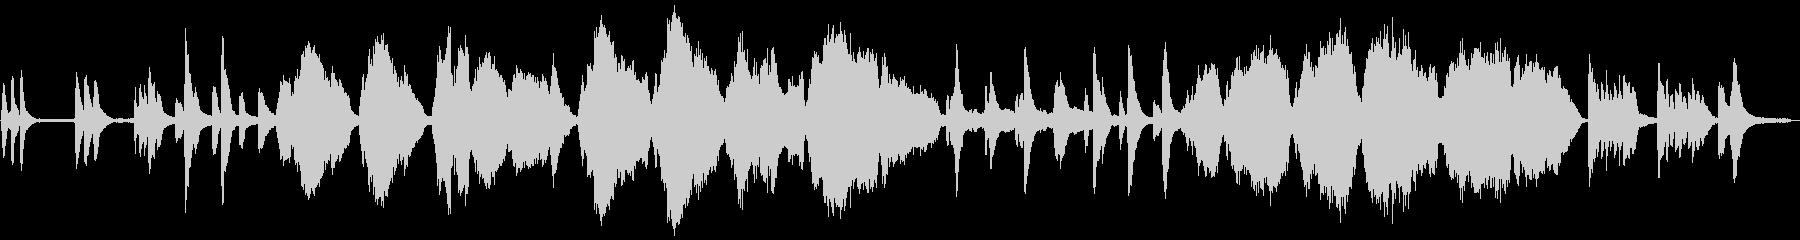 ピアノトリオの切ないバラードの未再生の波形